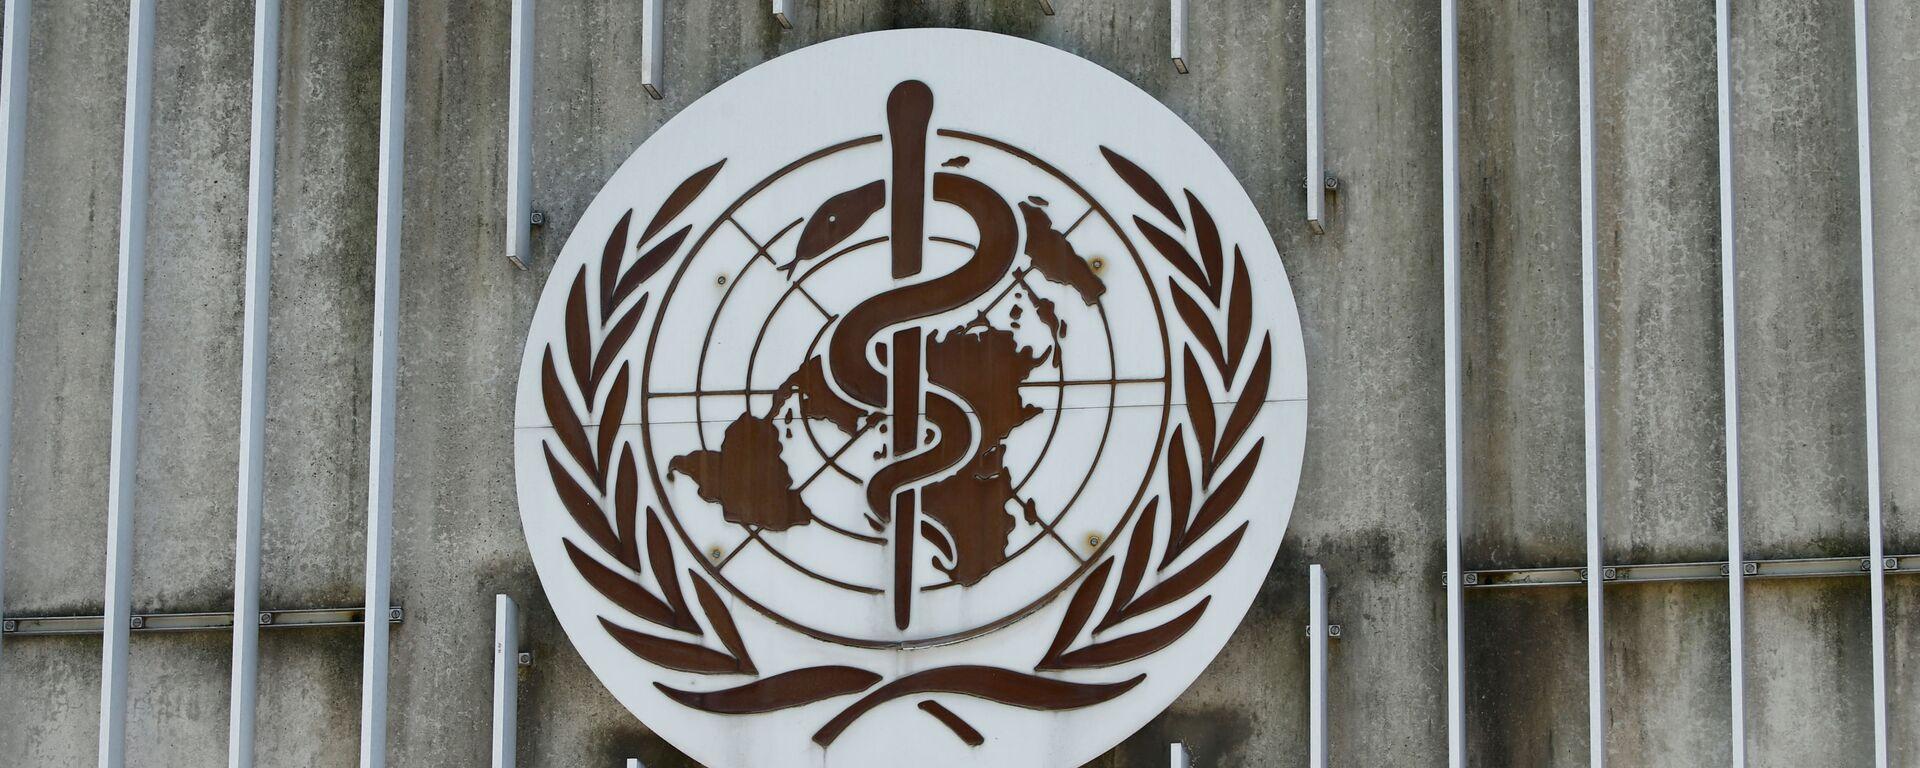 Dünya Sağlık Örgütü (DSÖ) - Sputnik Türkiye, 1920, 26.05.2021